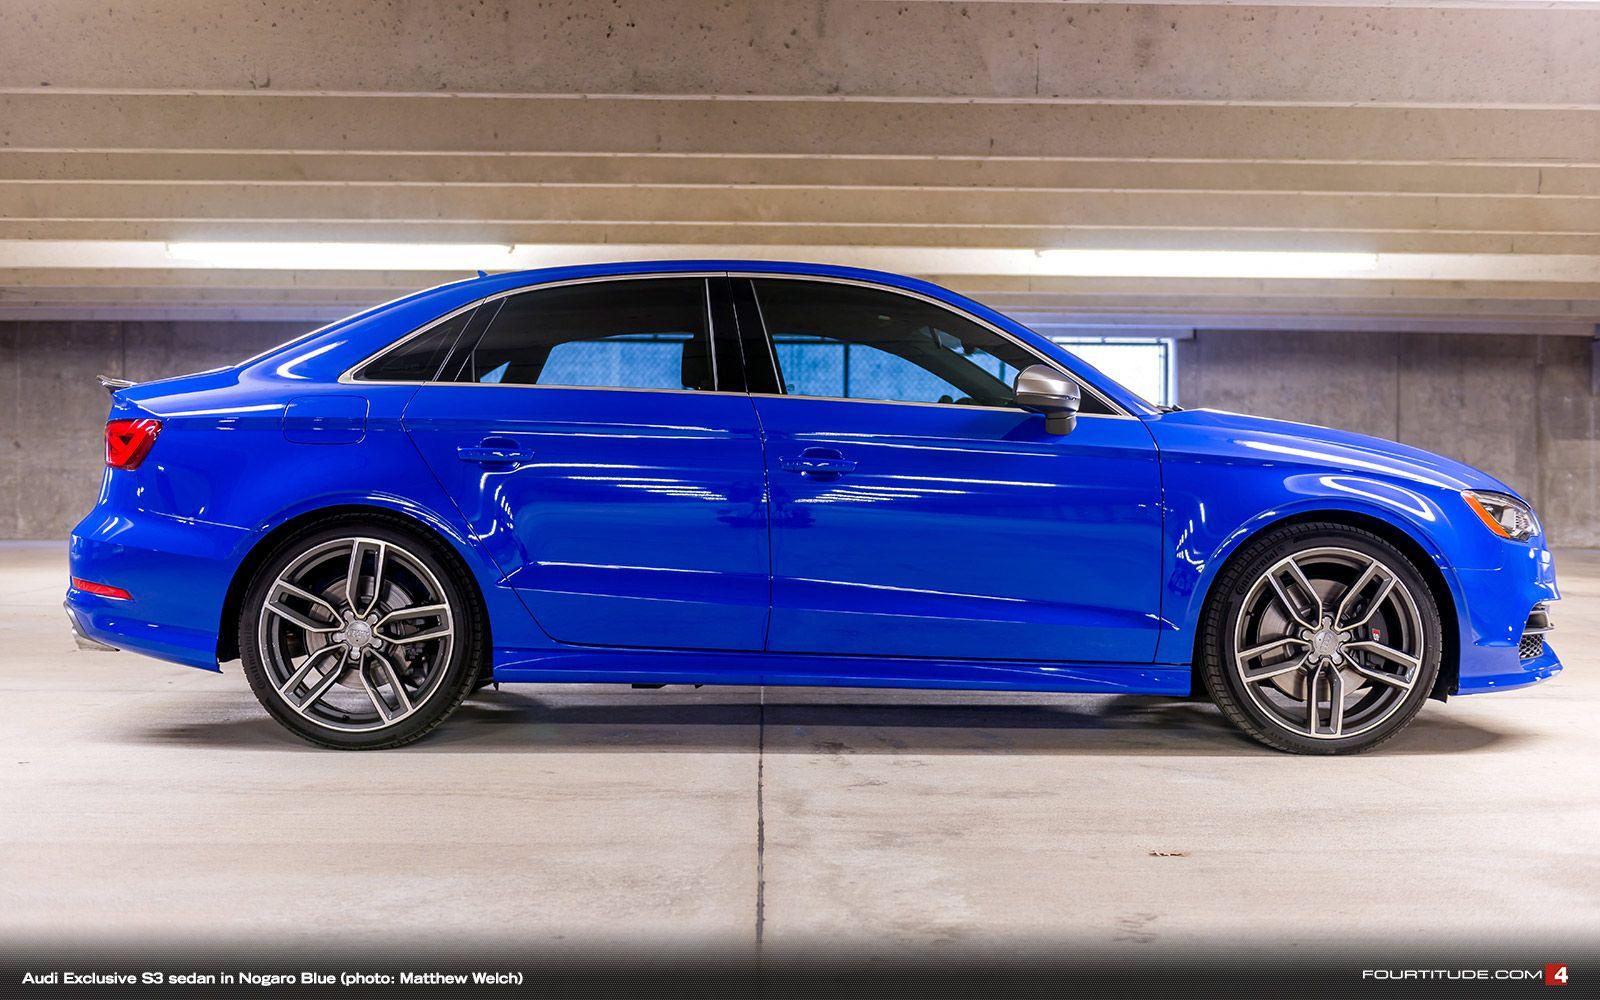 Kelebihan Audi S3 Sedan Perbandingan Harga